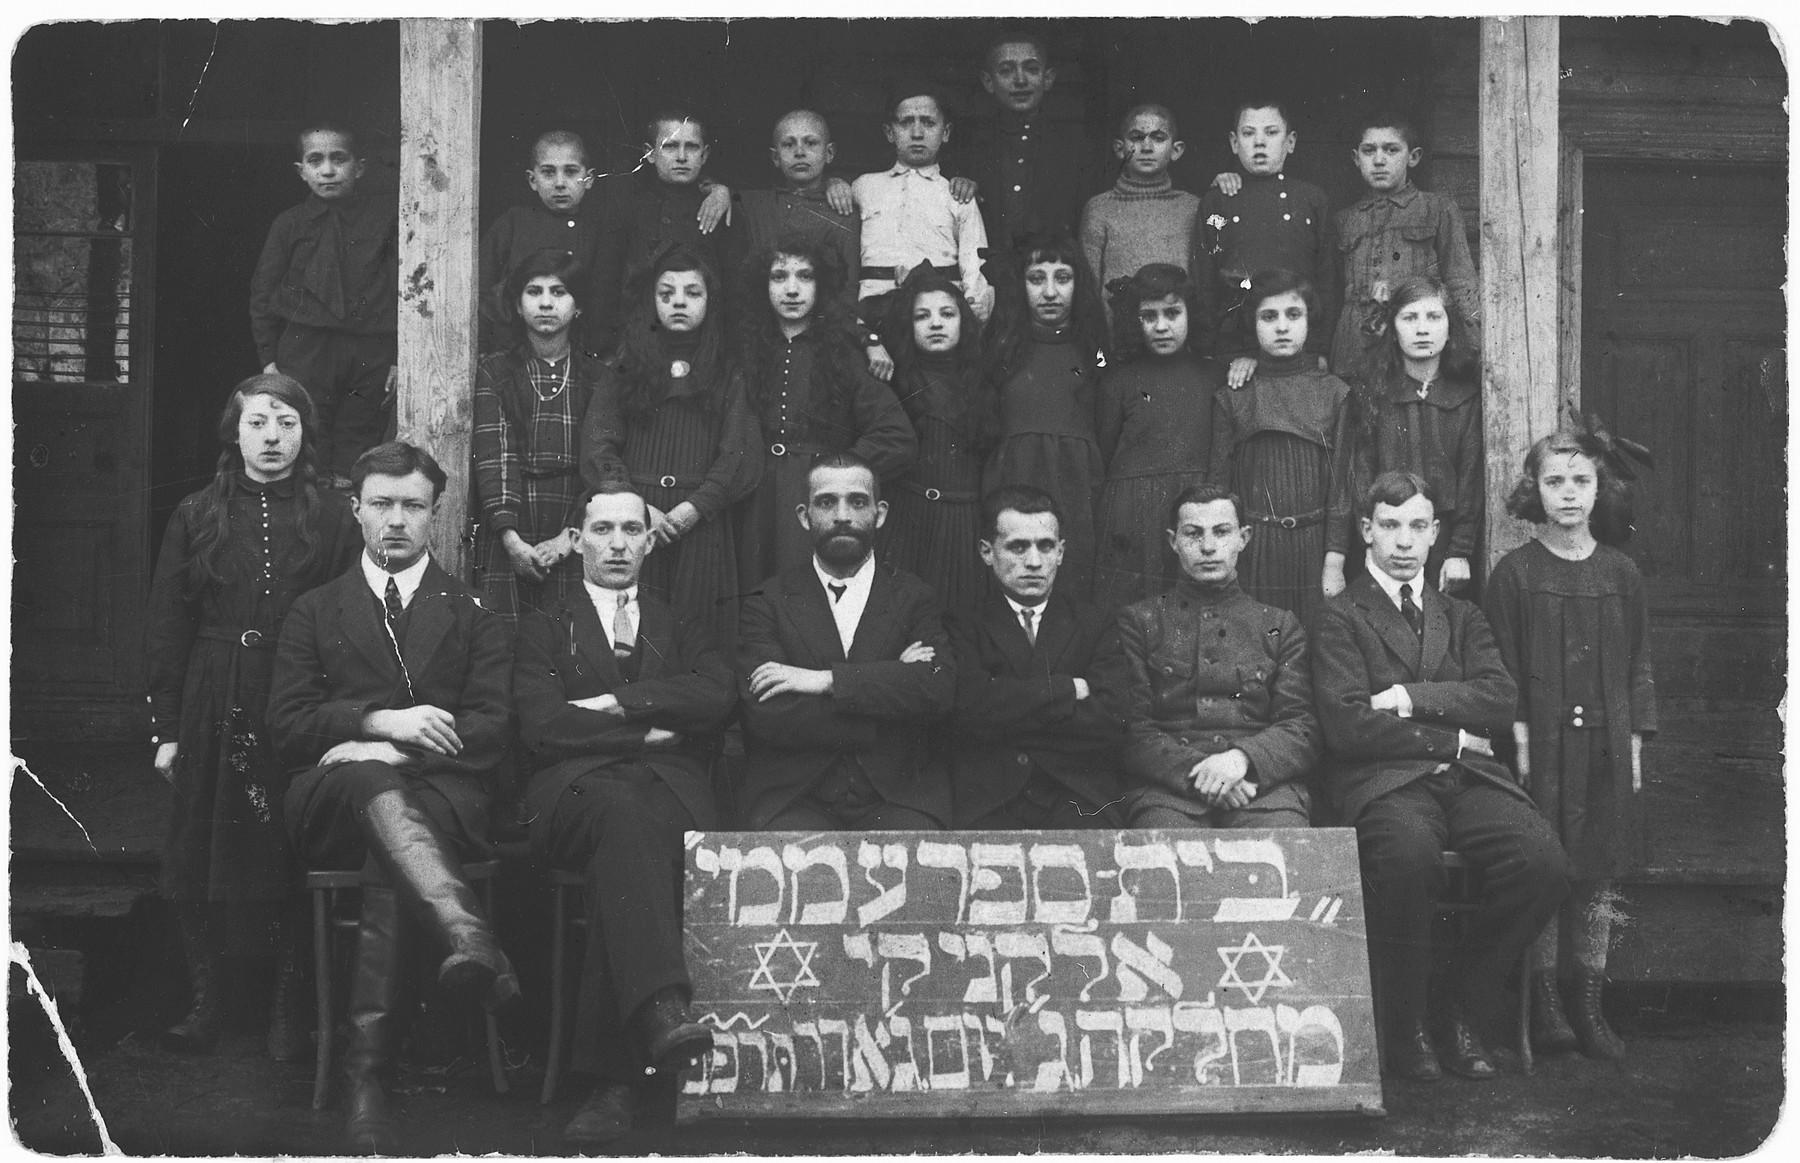 Group portrait of the students and teachers of the Hebrew public school in Olkieniki (Valkininkai).